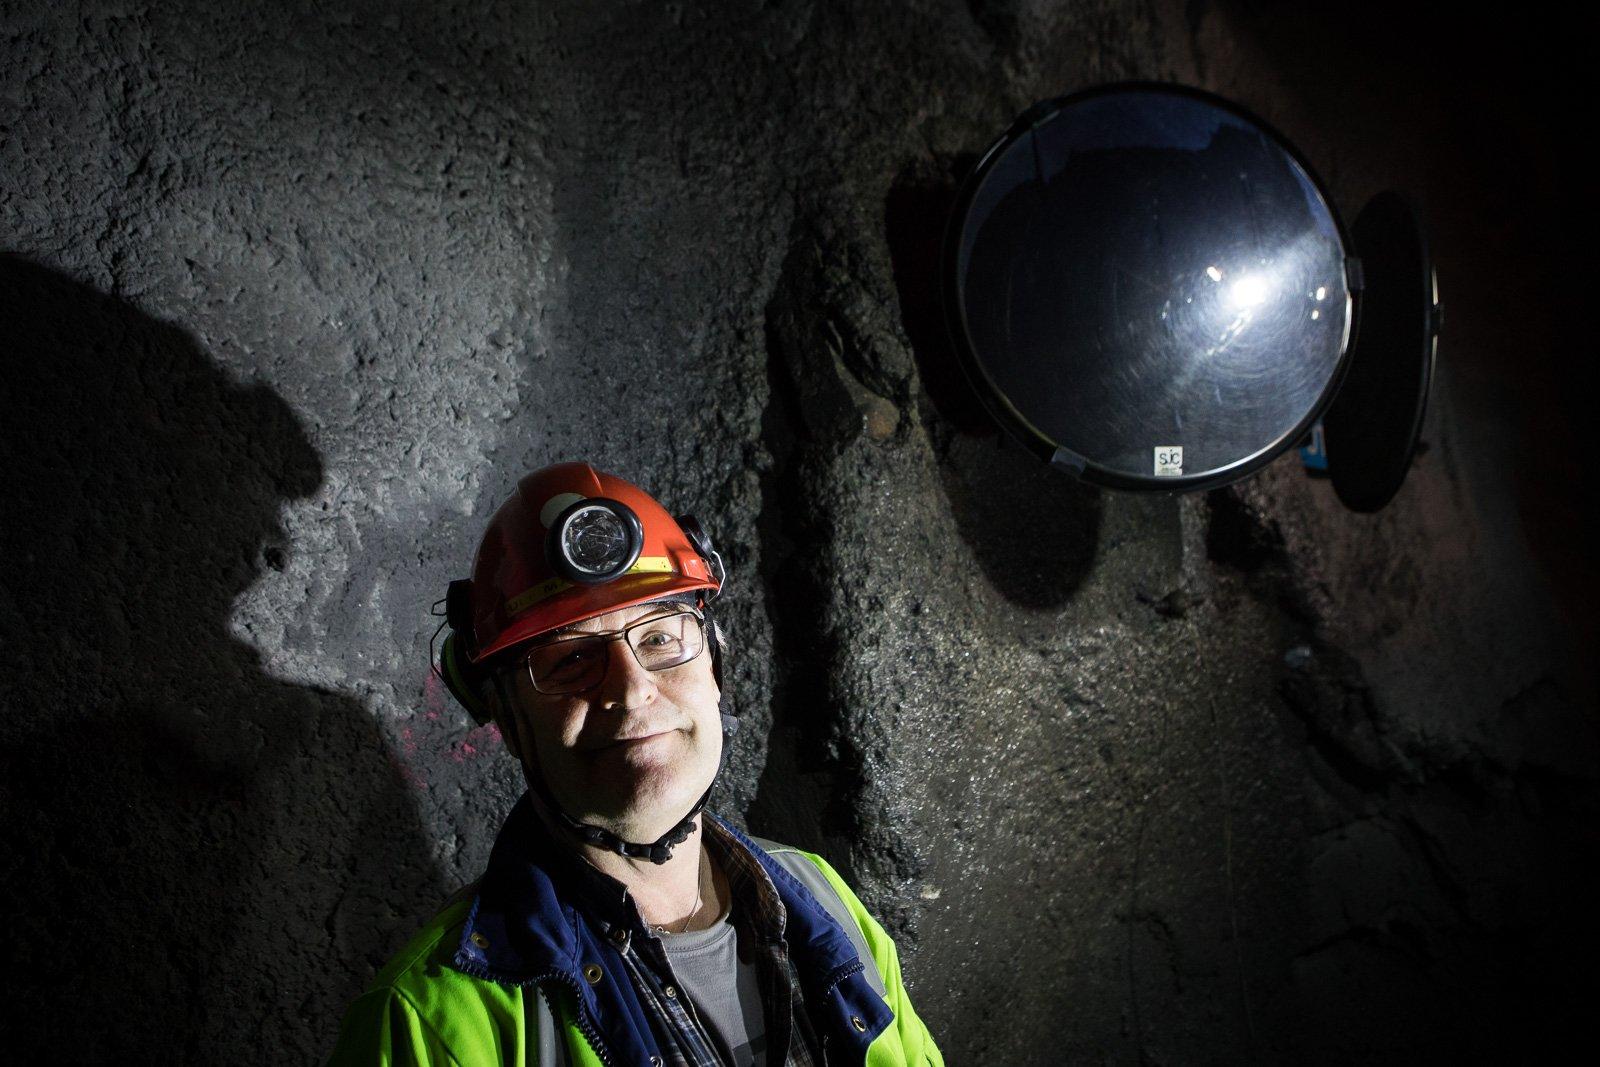 Ulf Markström tvättar skyltar och speglar i LKAB's gruva i Malmberget fem dagar i veckan.